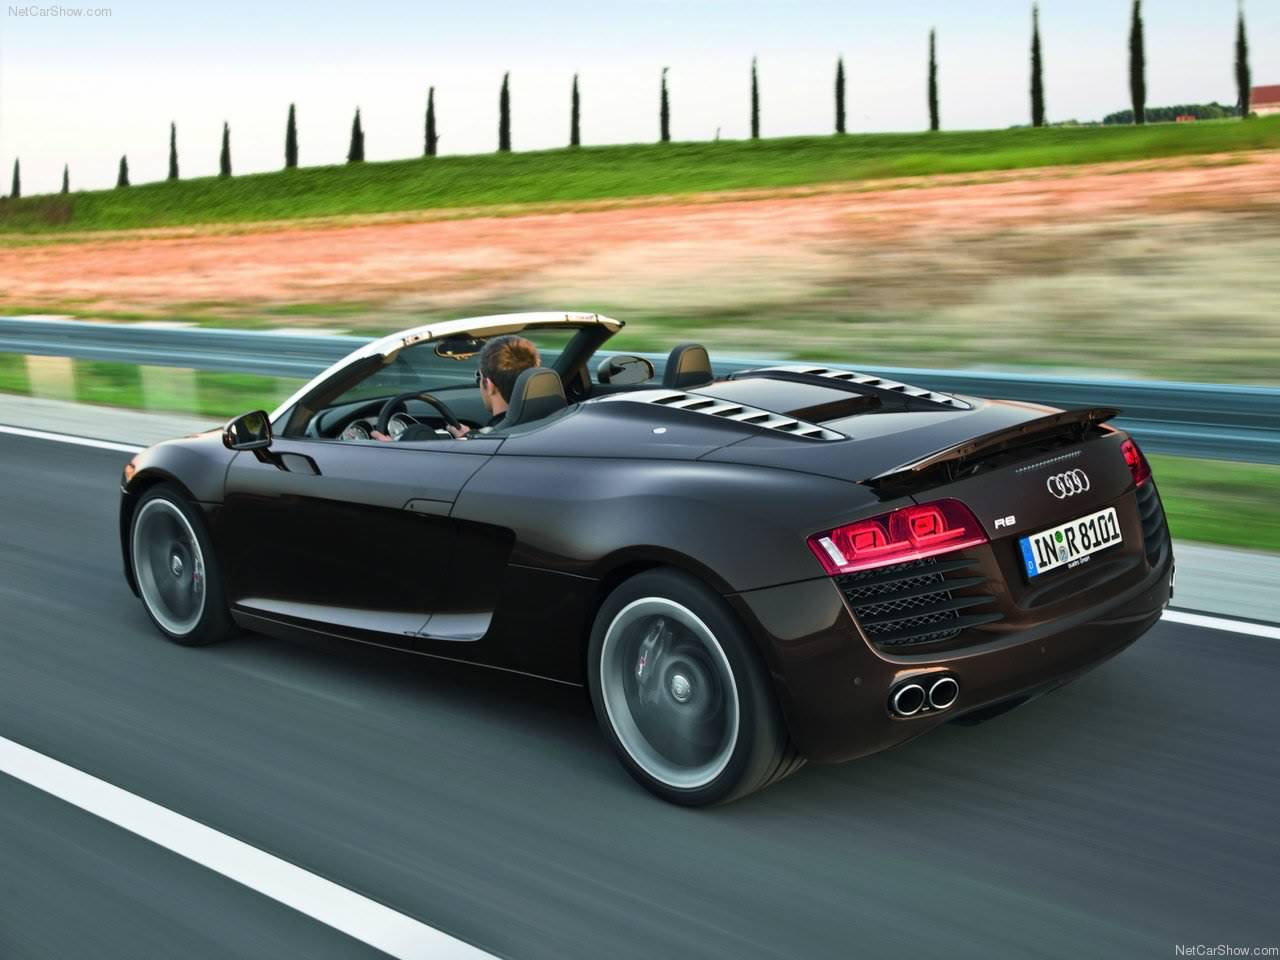 http://2.bp.blogspot.com/_lsyt_wQ2awY/TKl7S-TDoBI/AAAAAAACFw0/vvyxmNL_aU0/s1600/Audi-R8_Spyder_4.2_FSI_quattro_2011_1280x960_wallpaper_09.jpg